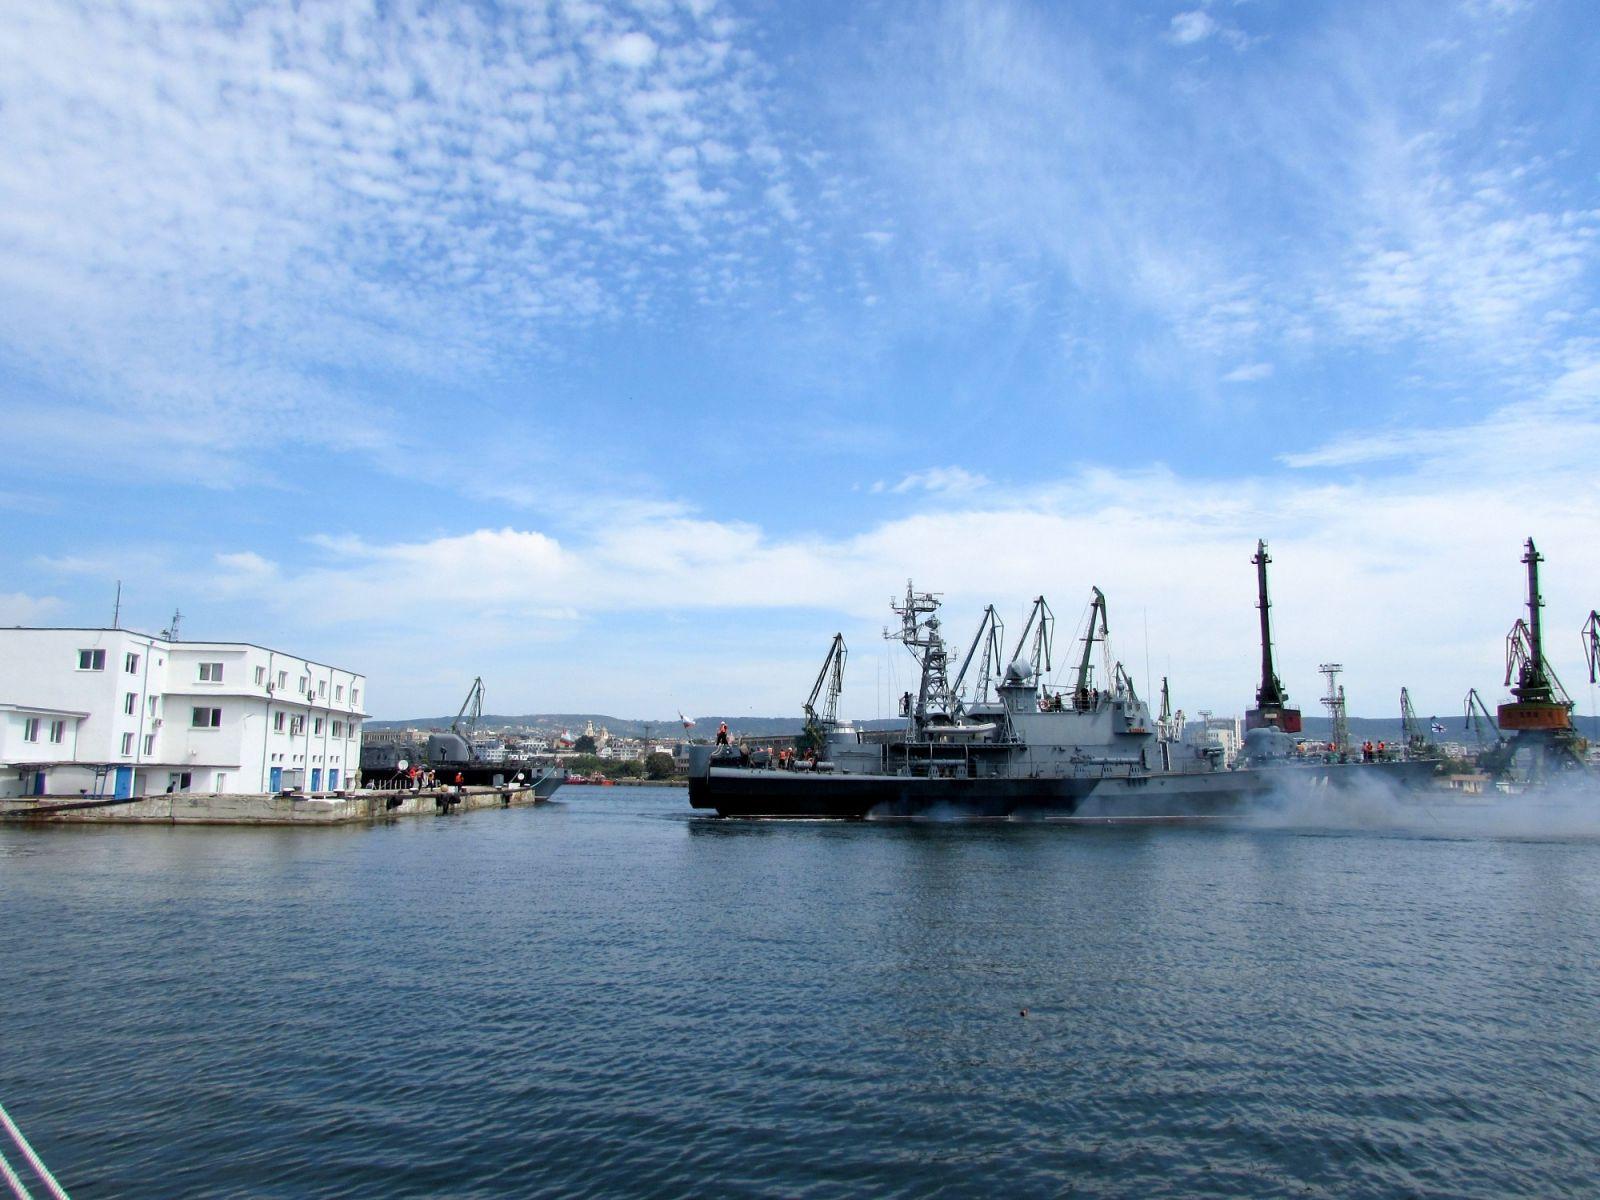 """Корвета 14 """"Бодри"""" се завърна от учението SEA BREEZE 2020 (ГОЛЯМА ПРИСТАНИЩНА ГАЛЕРИЯ)"""